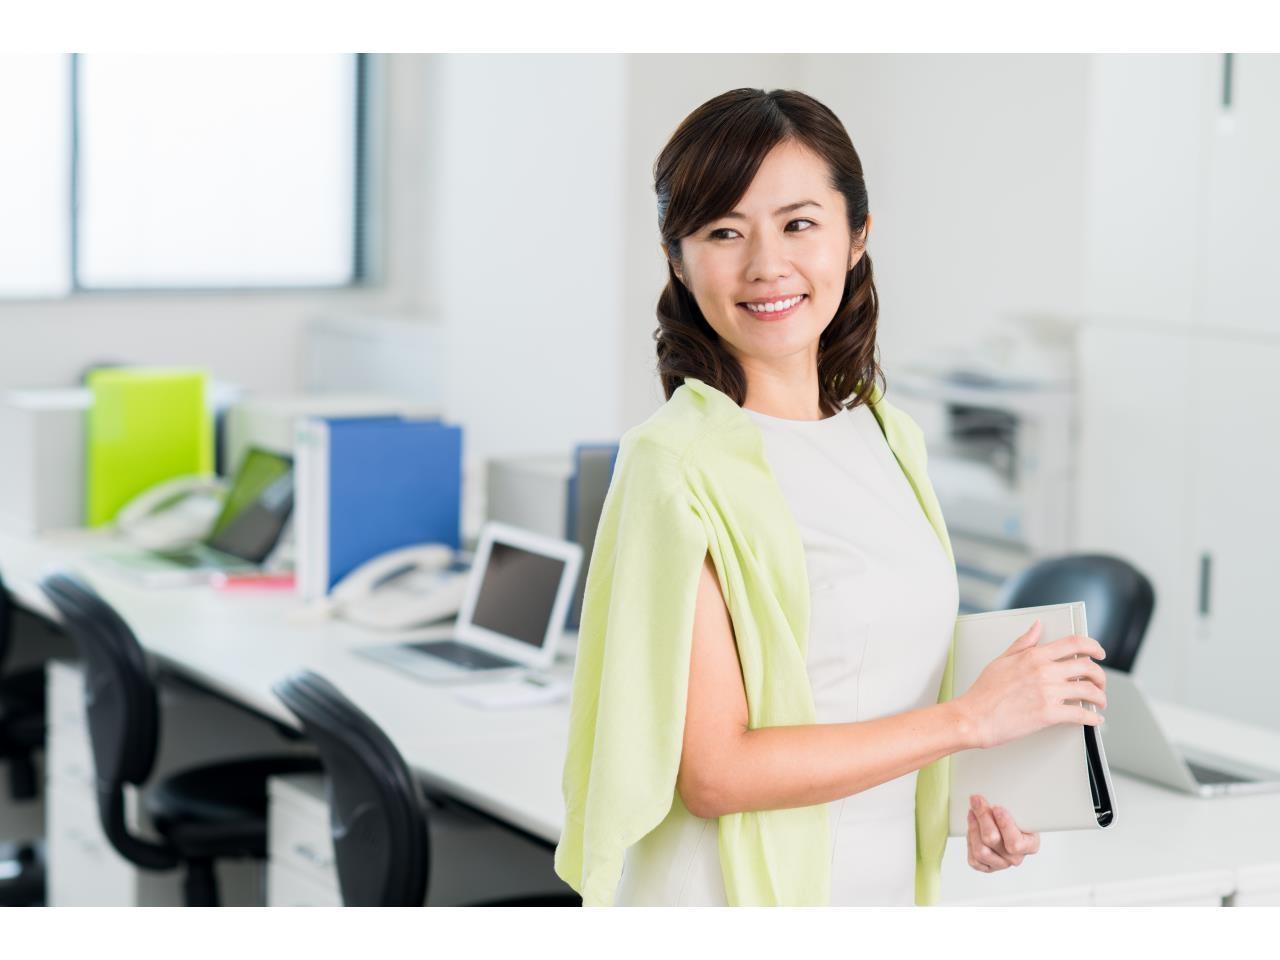 安定性抜群・福利厚生バッチリの運送会社!一般事務スタッフ